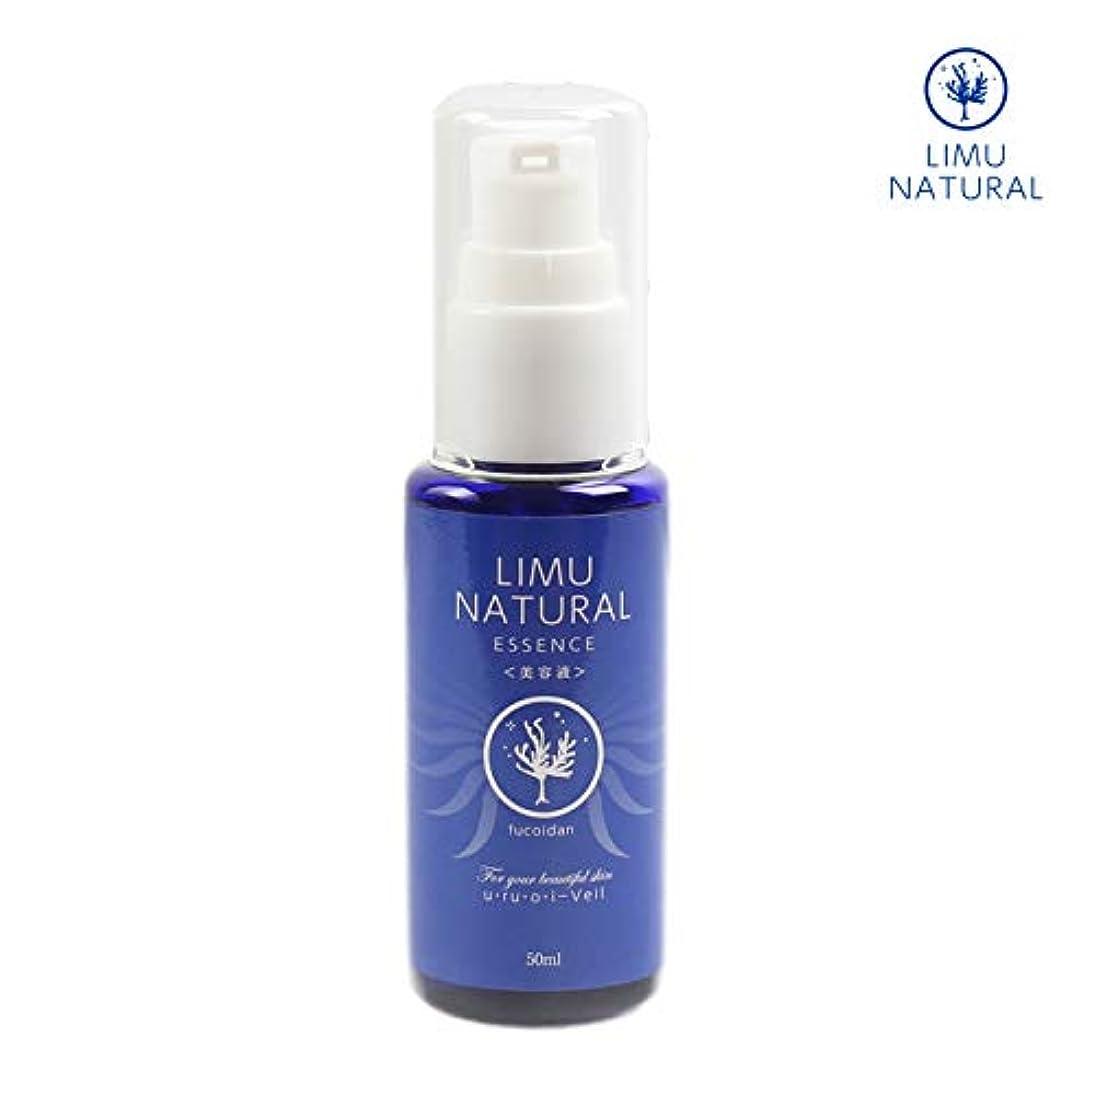 池ブラウン長椅子リムナチュラル 高濃度美容液 LIMU NATURAL ESSENCE (50ml) 「美白&保湿」「フコイダン」+「グリセリルグルコシド」を贅沢に配合